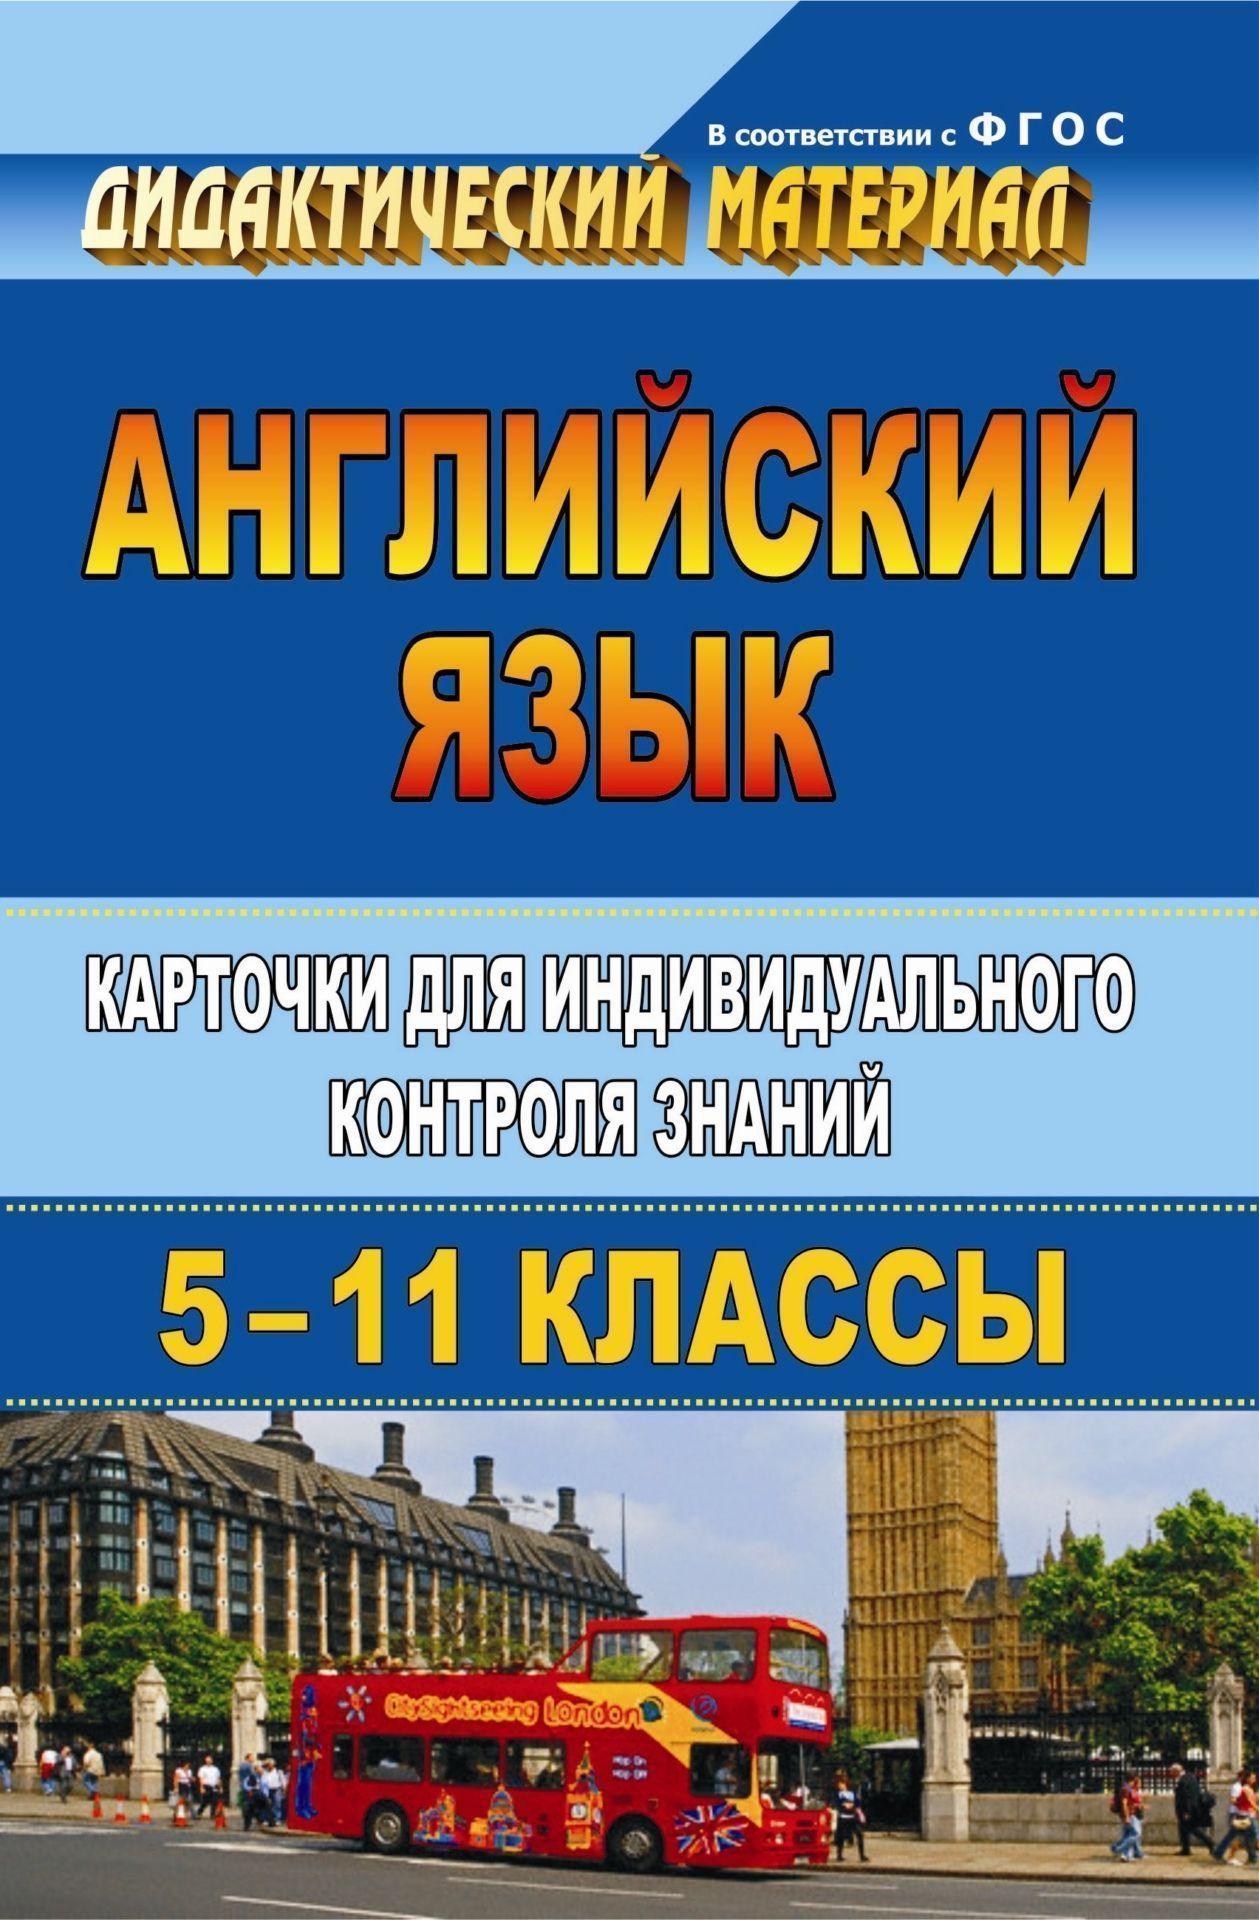 Английский язык. 5-11 классы: карточки для индивидуального контроля знаний. Программа для установки через Интернет